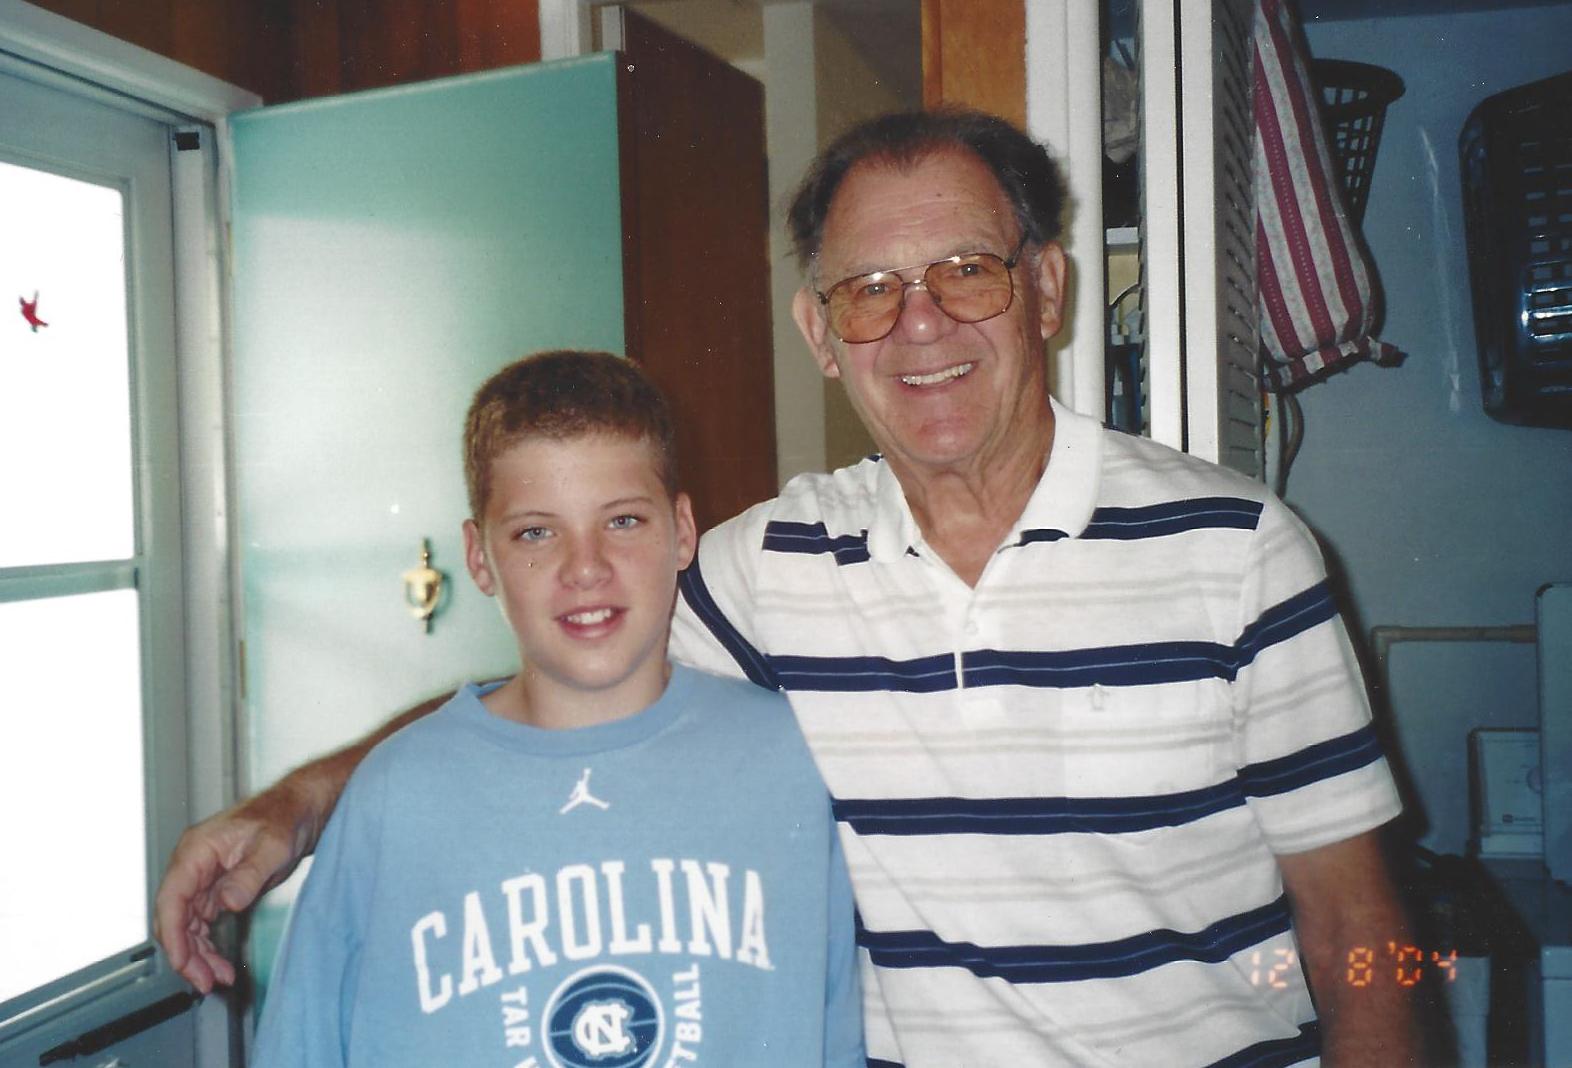 JW and Grandpa John